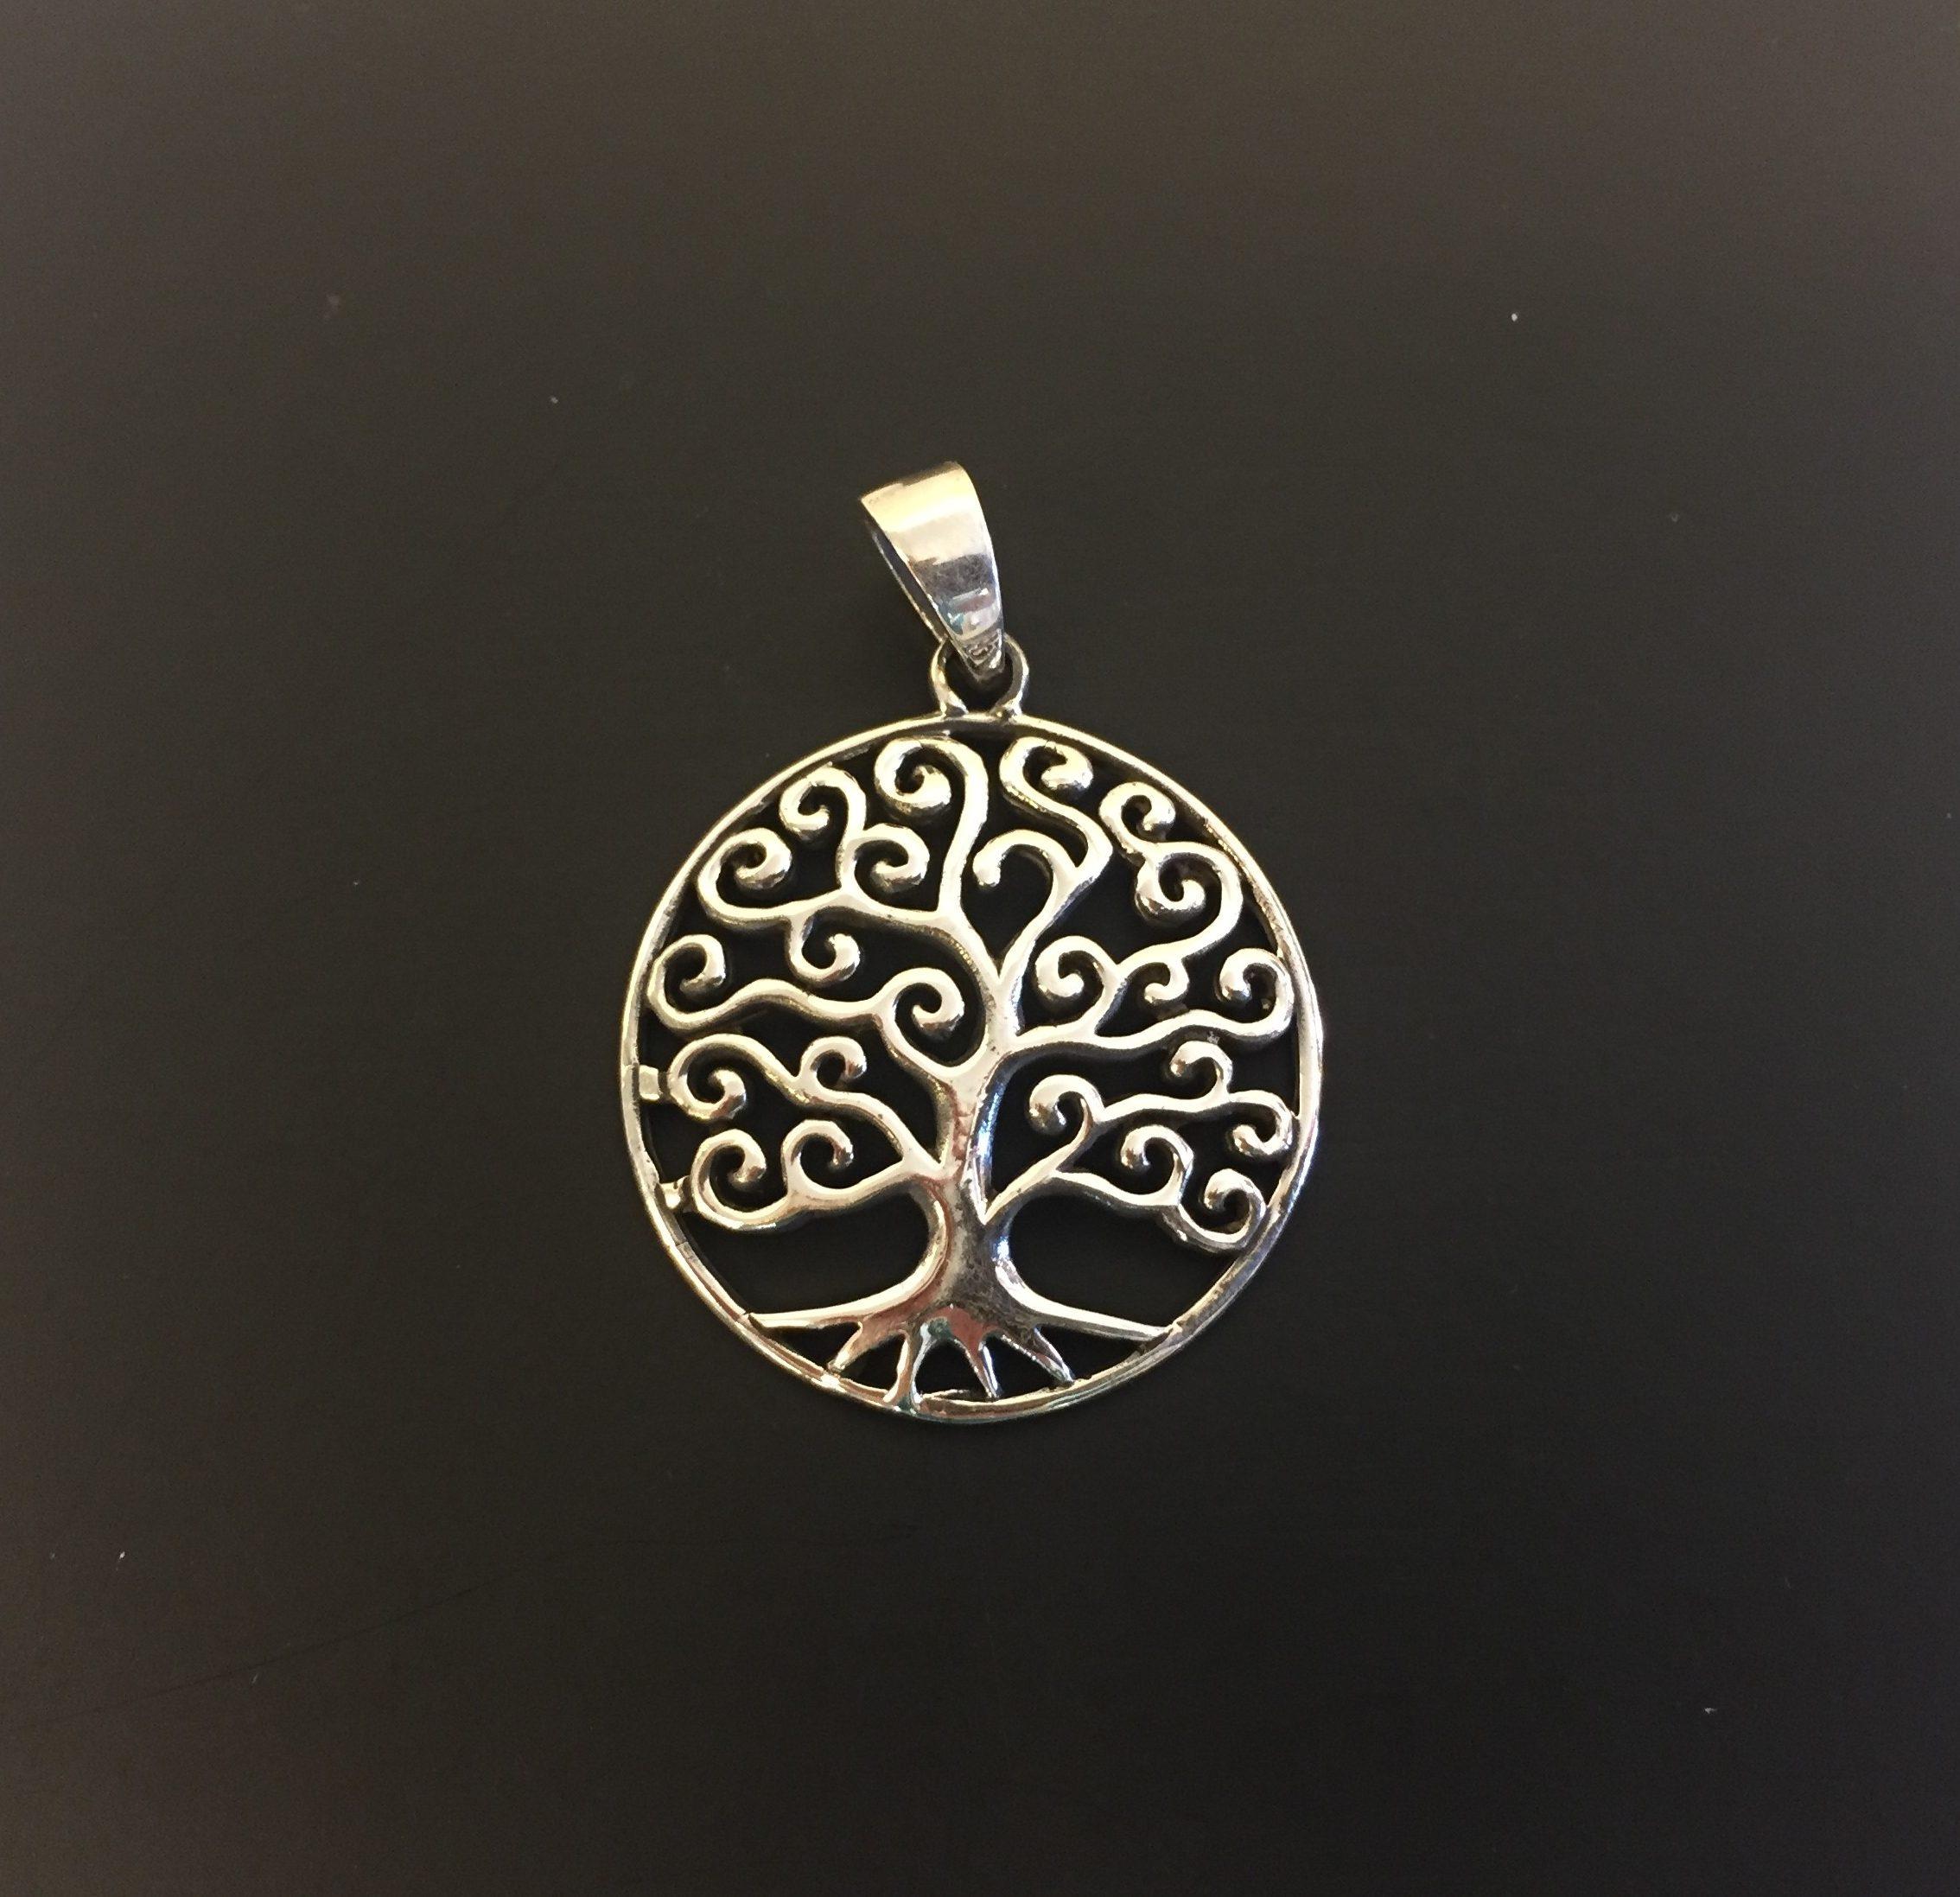 8c25747f66b Vikingevedhæng i sølv – Livets træ Yggdrasil med snirklet krone – buet